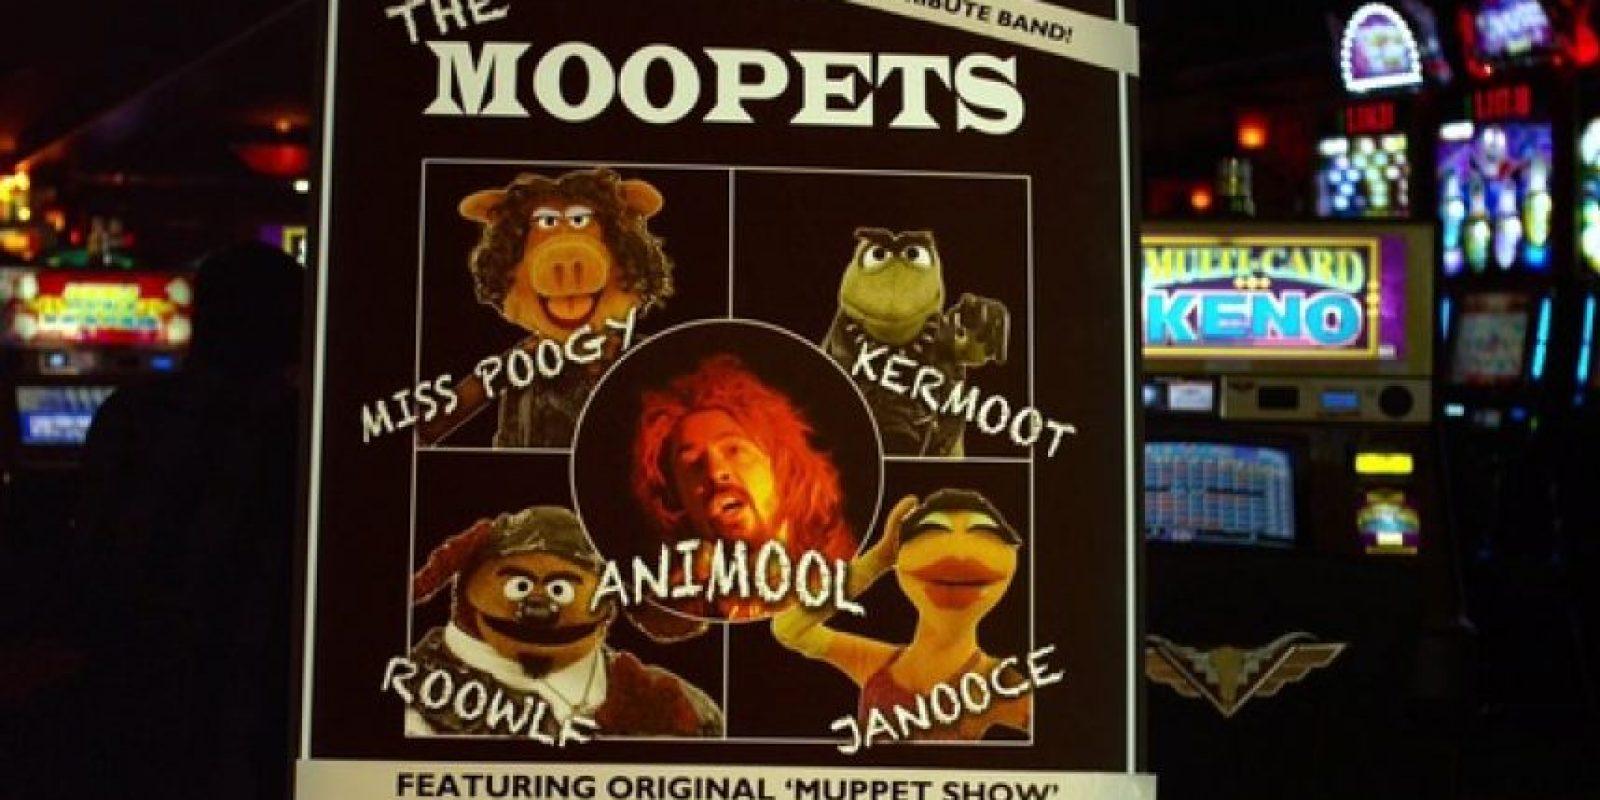 """En la cinta le dio vida a """"Animool"""", el baterista de un grupo llamado """"The Moopets"""". Foto:Instagram/themuppets"""